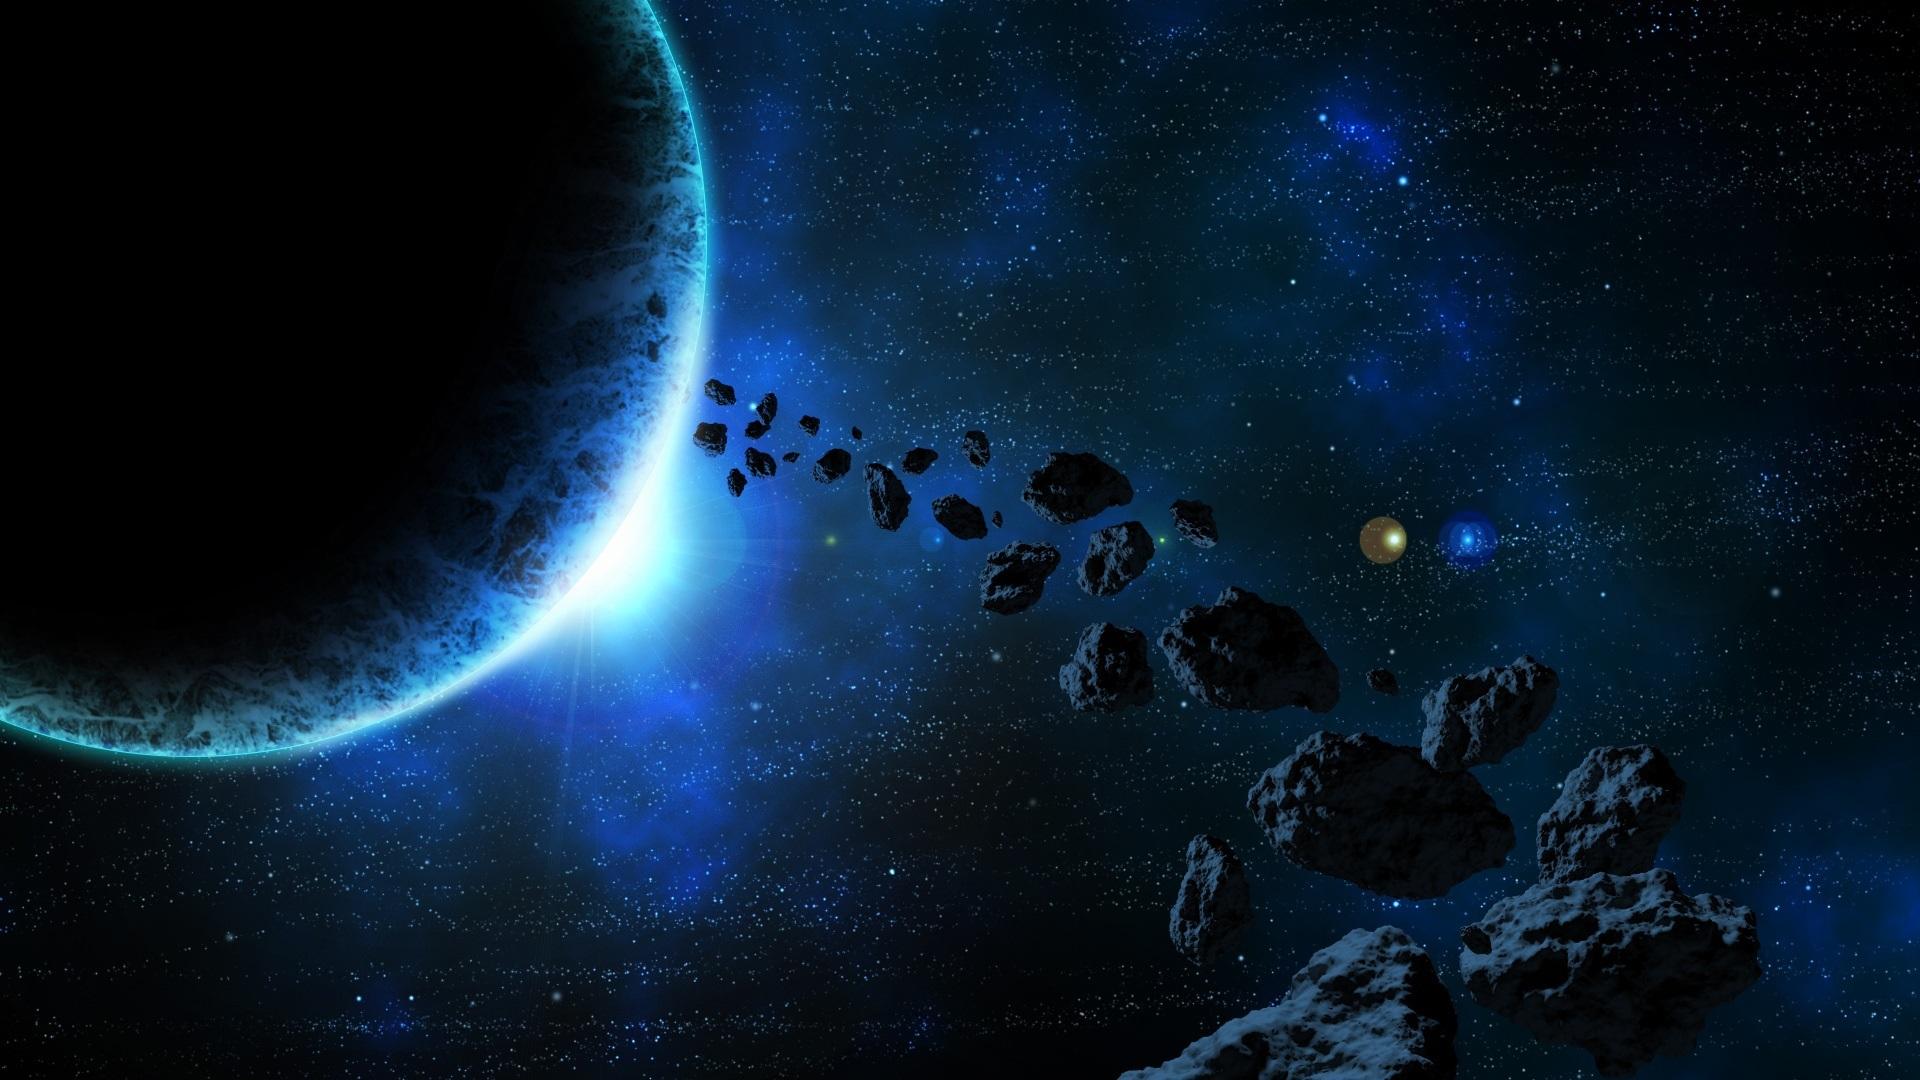 Un asteroide peligroso orbitará la Tierra el próximo sábado